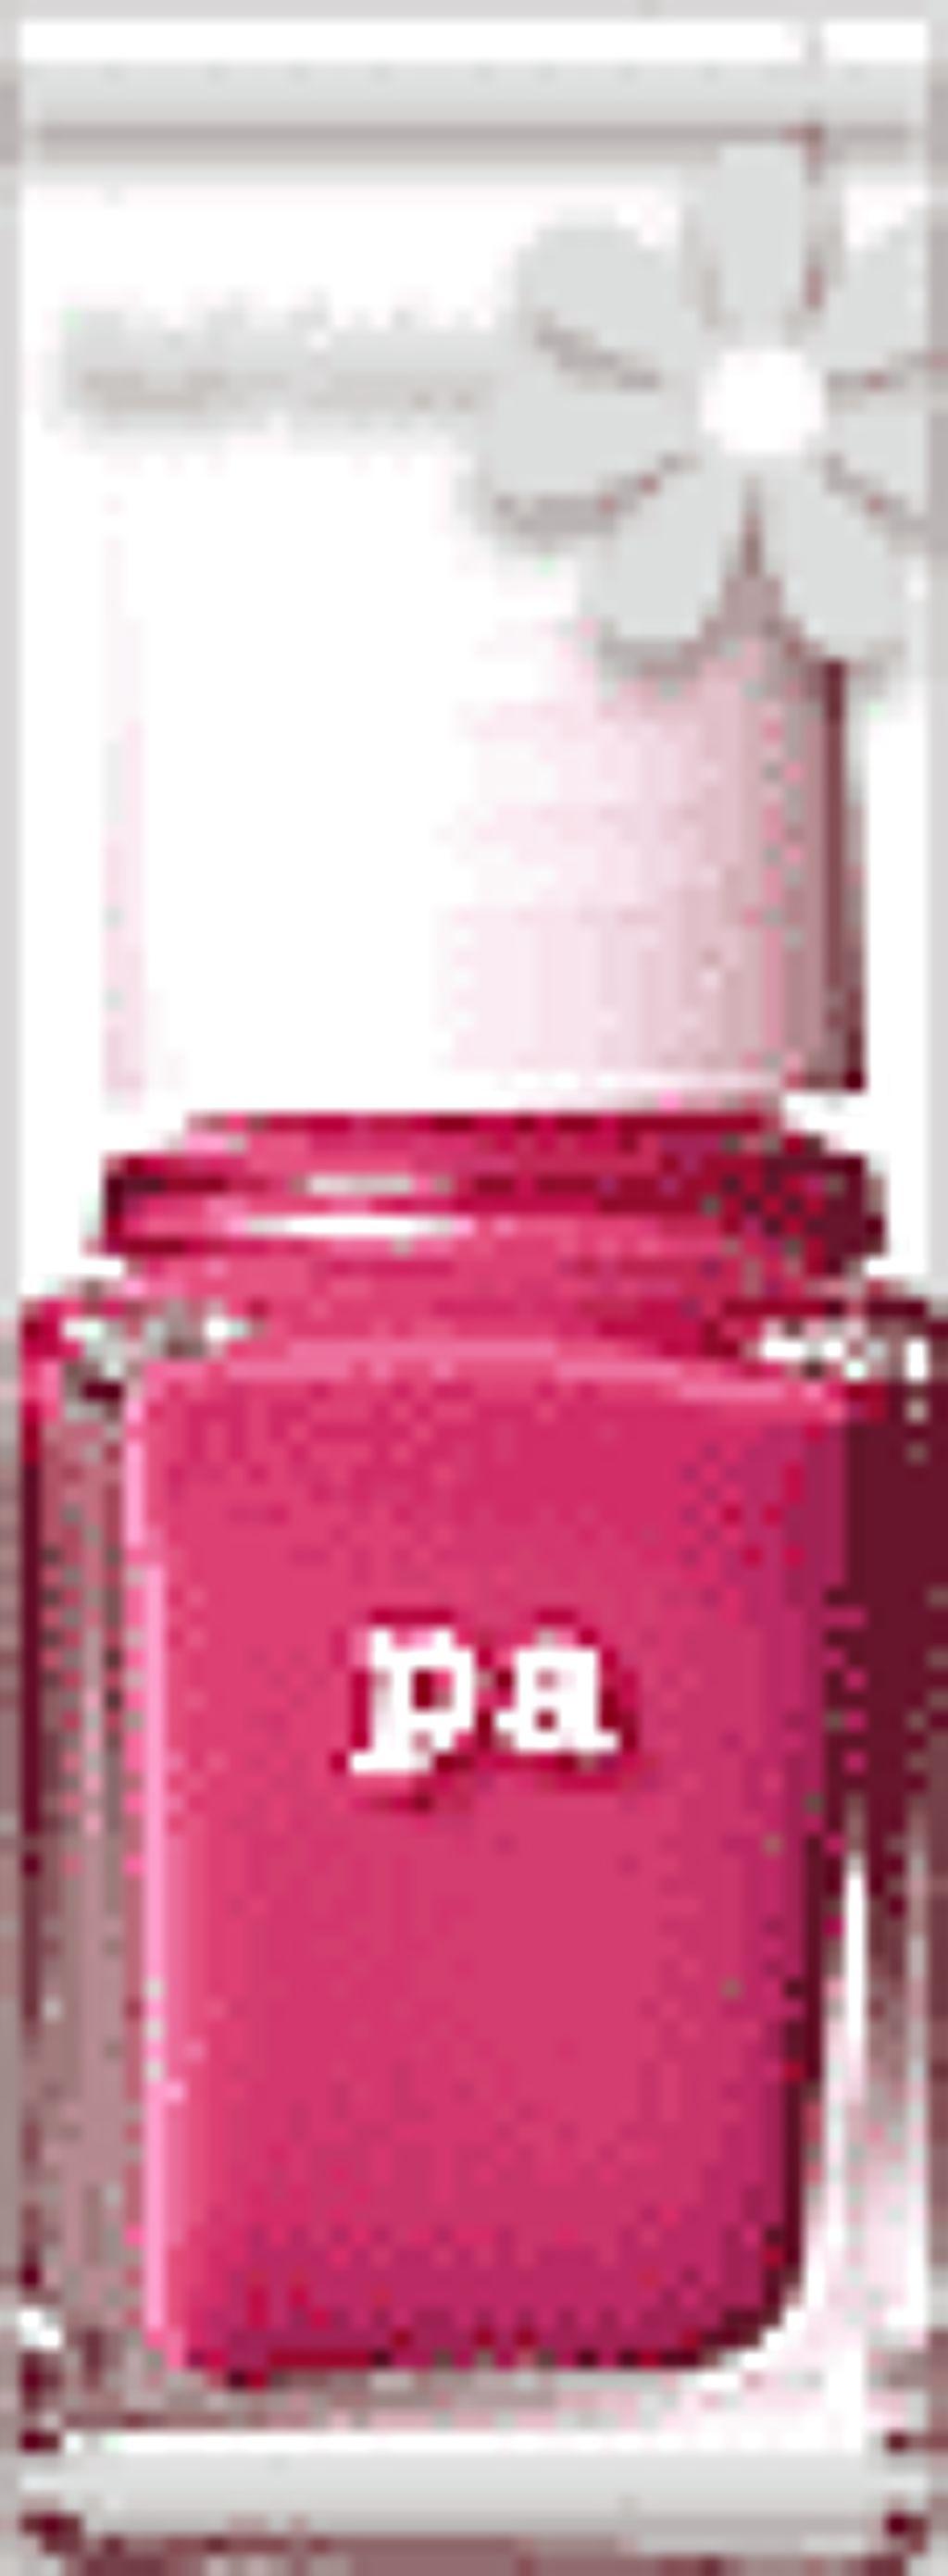 ネイルカラー A73 プライマルレッドピンク